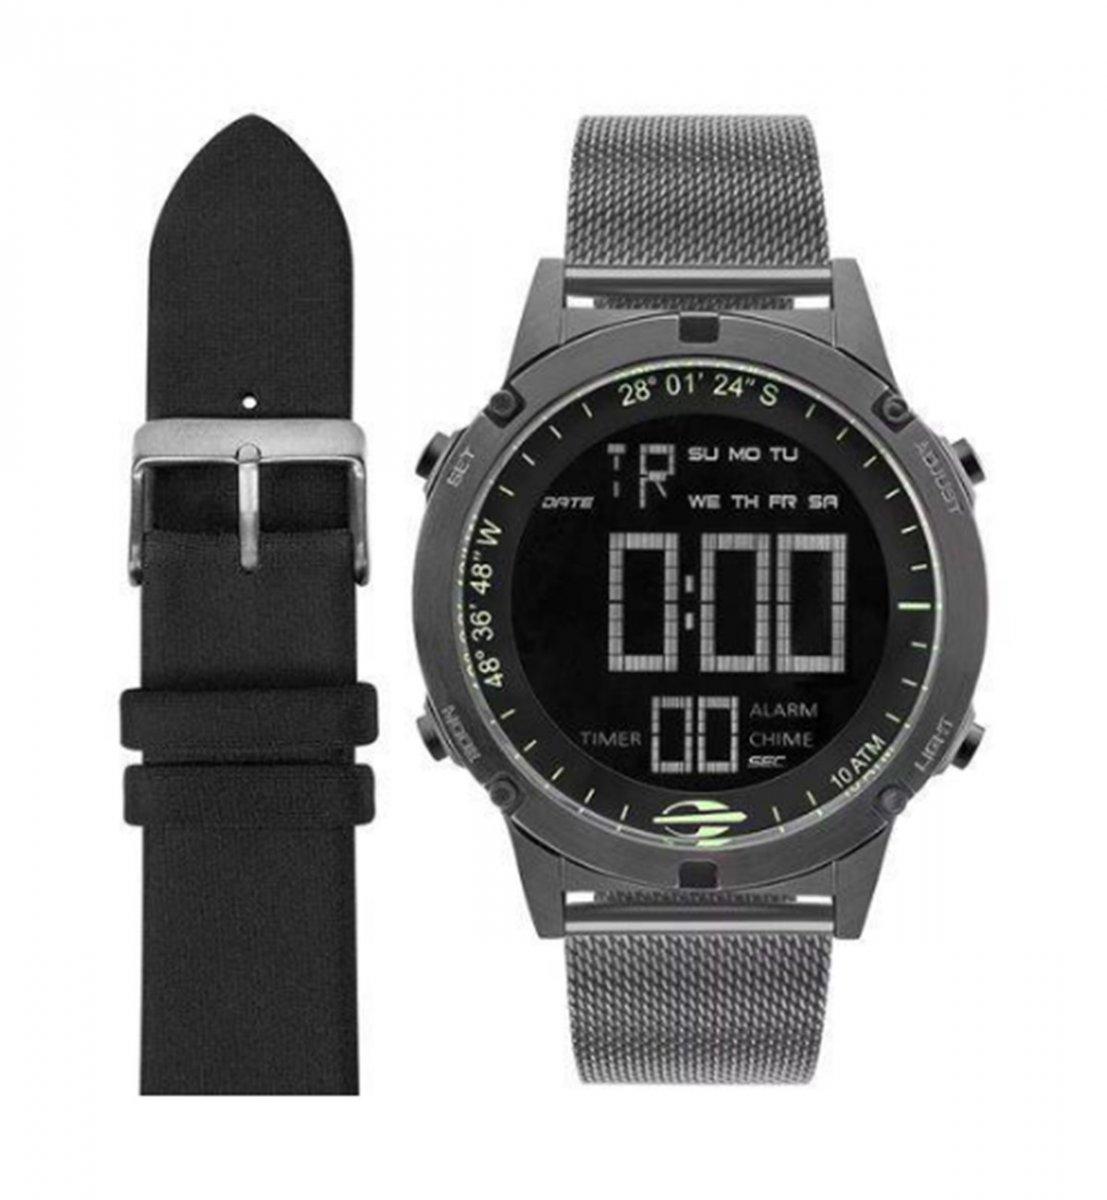 aa29f30d5e3 Compre Relógio Mormaii Digital em 10X